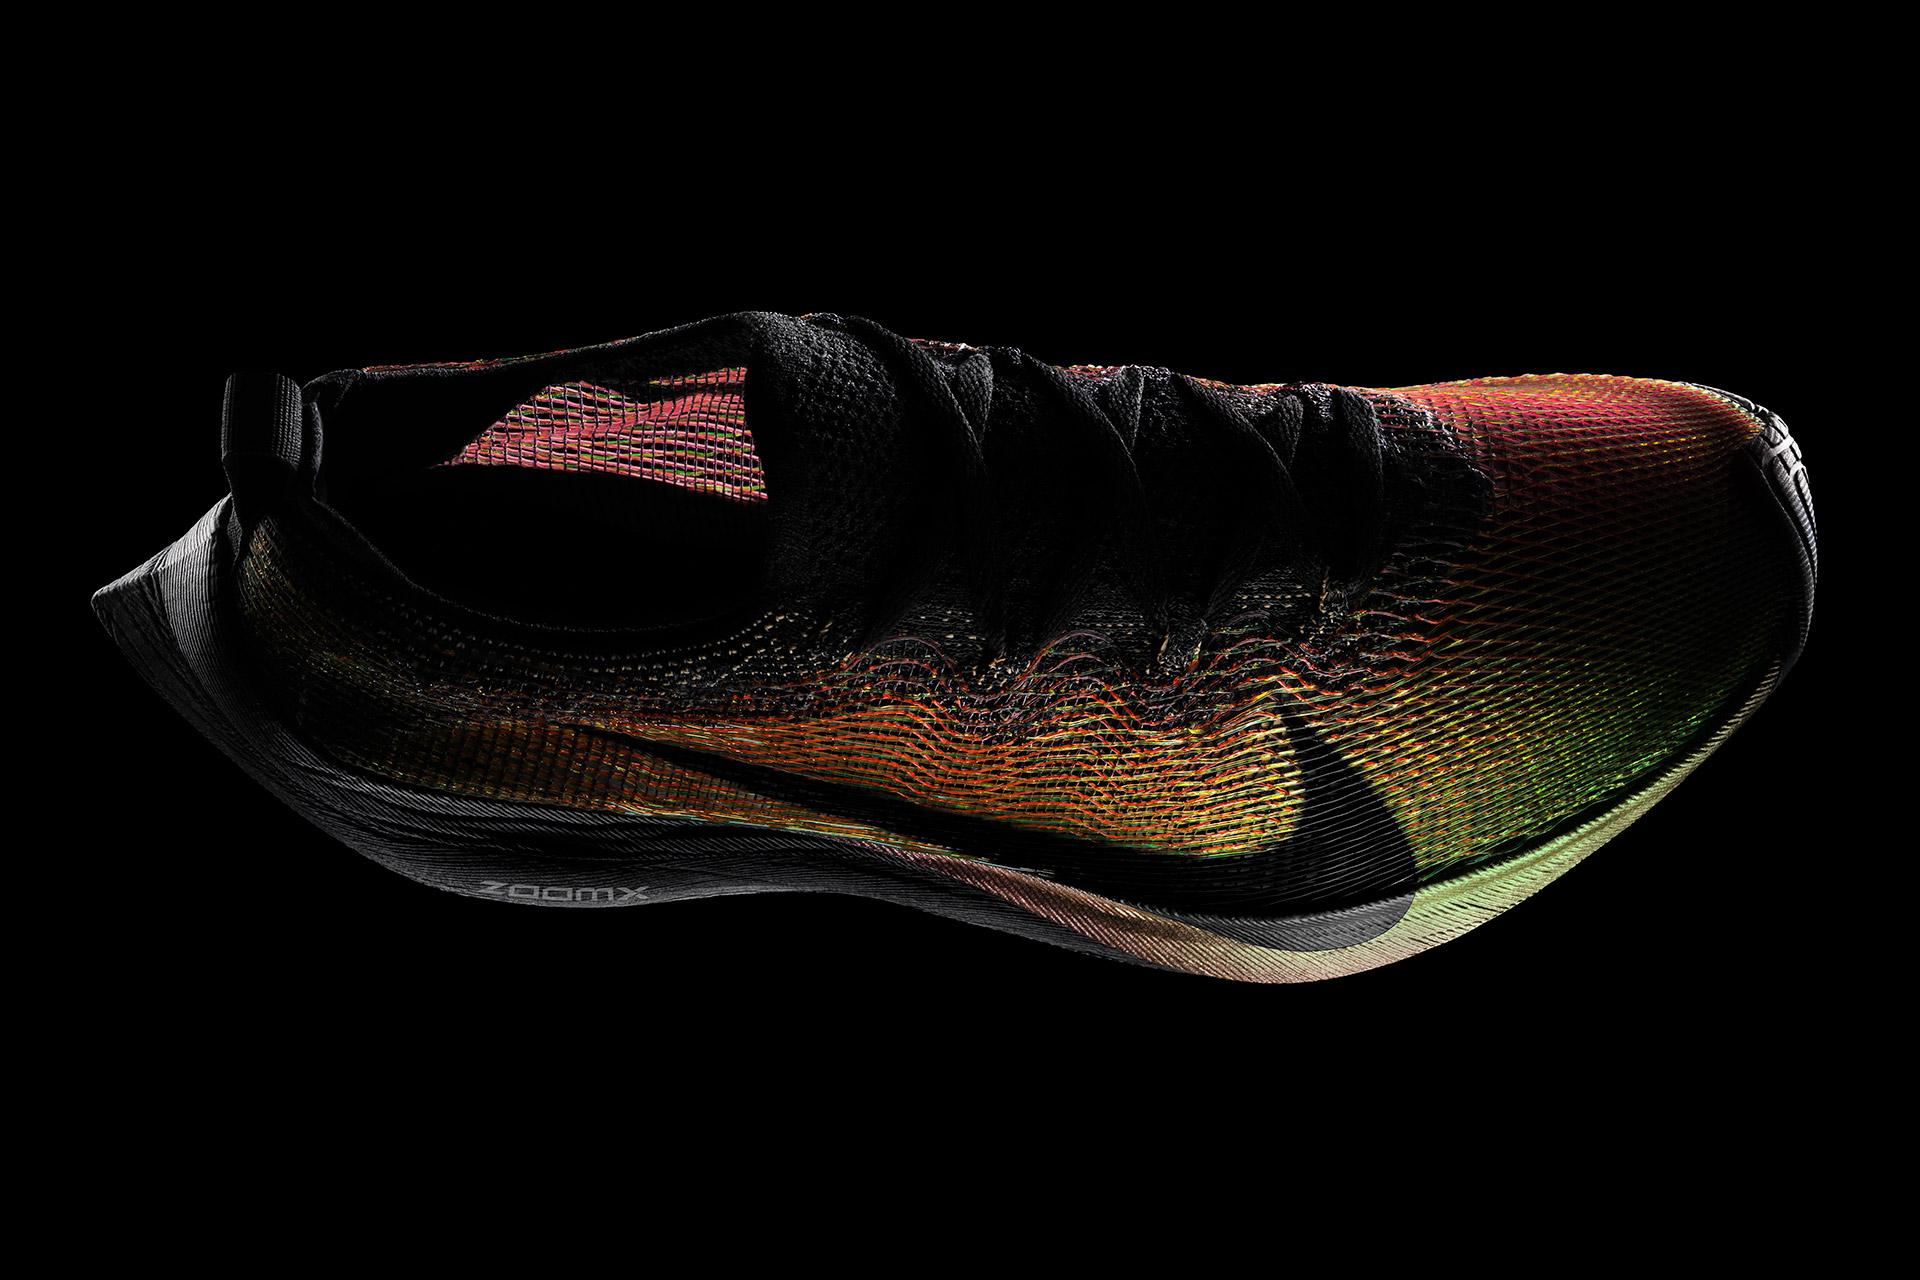 aead3698a9f8b Nike Zoom Vaporfly Elite Flyprint Sneaker